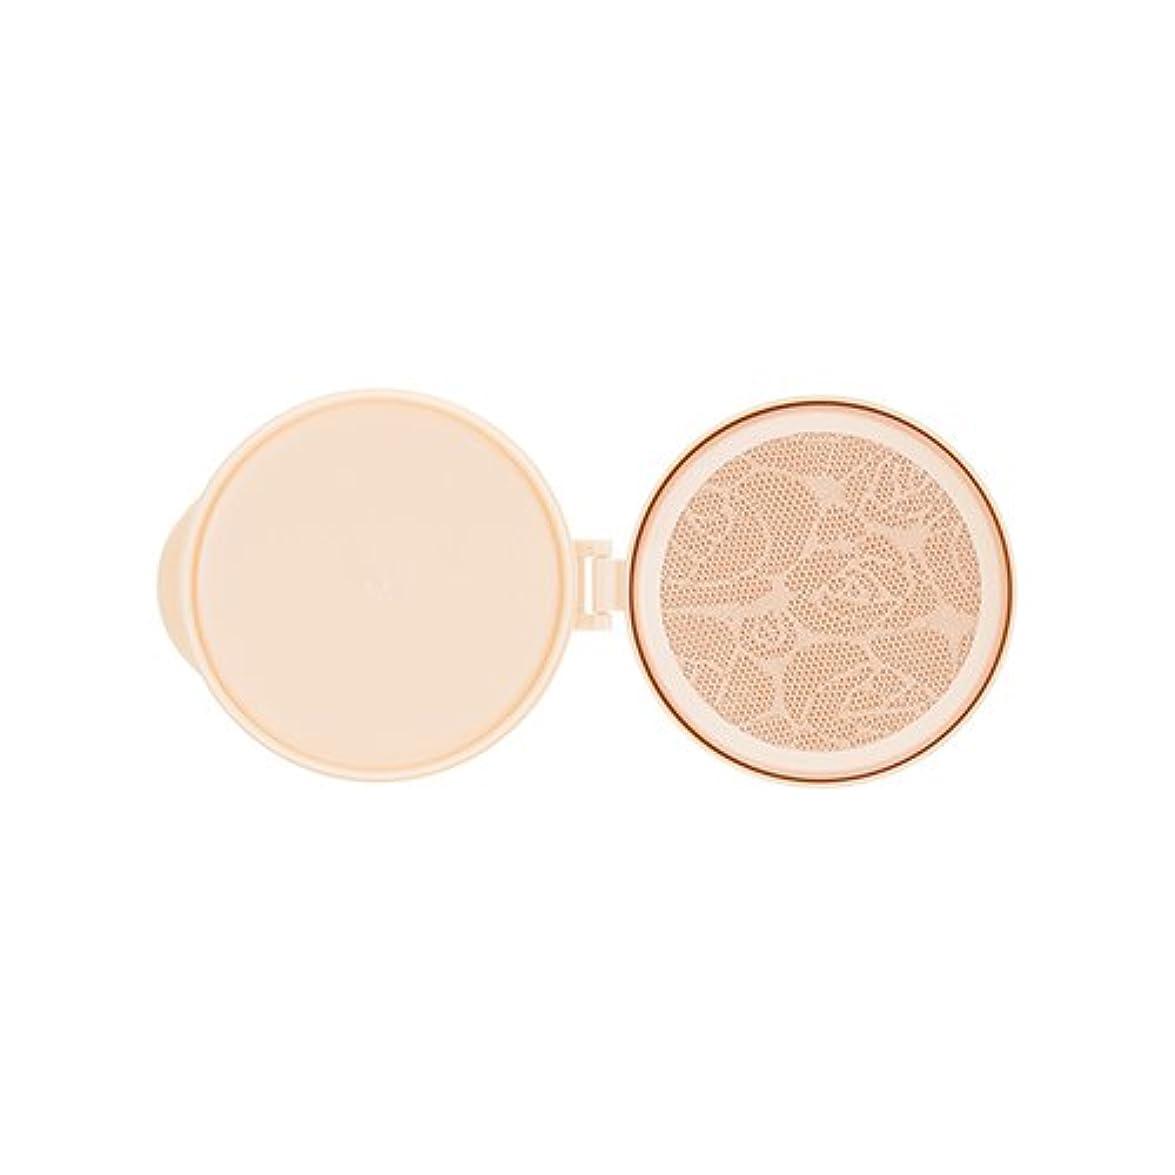 血ブルーム同封する[New] MISSHA Misa Geumseol Tension Pact [Refill] 17g/ミシャ 美思 金雪(クムソル) テンション パクト [リフィル] 17g (#3 Healthy Light) [...